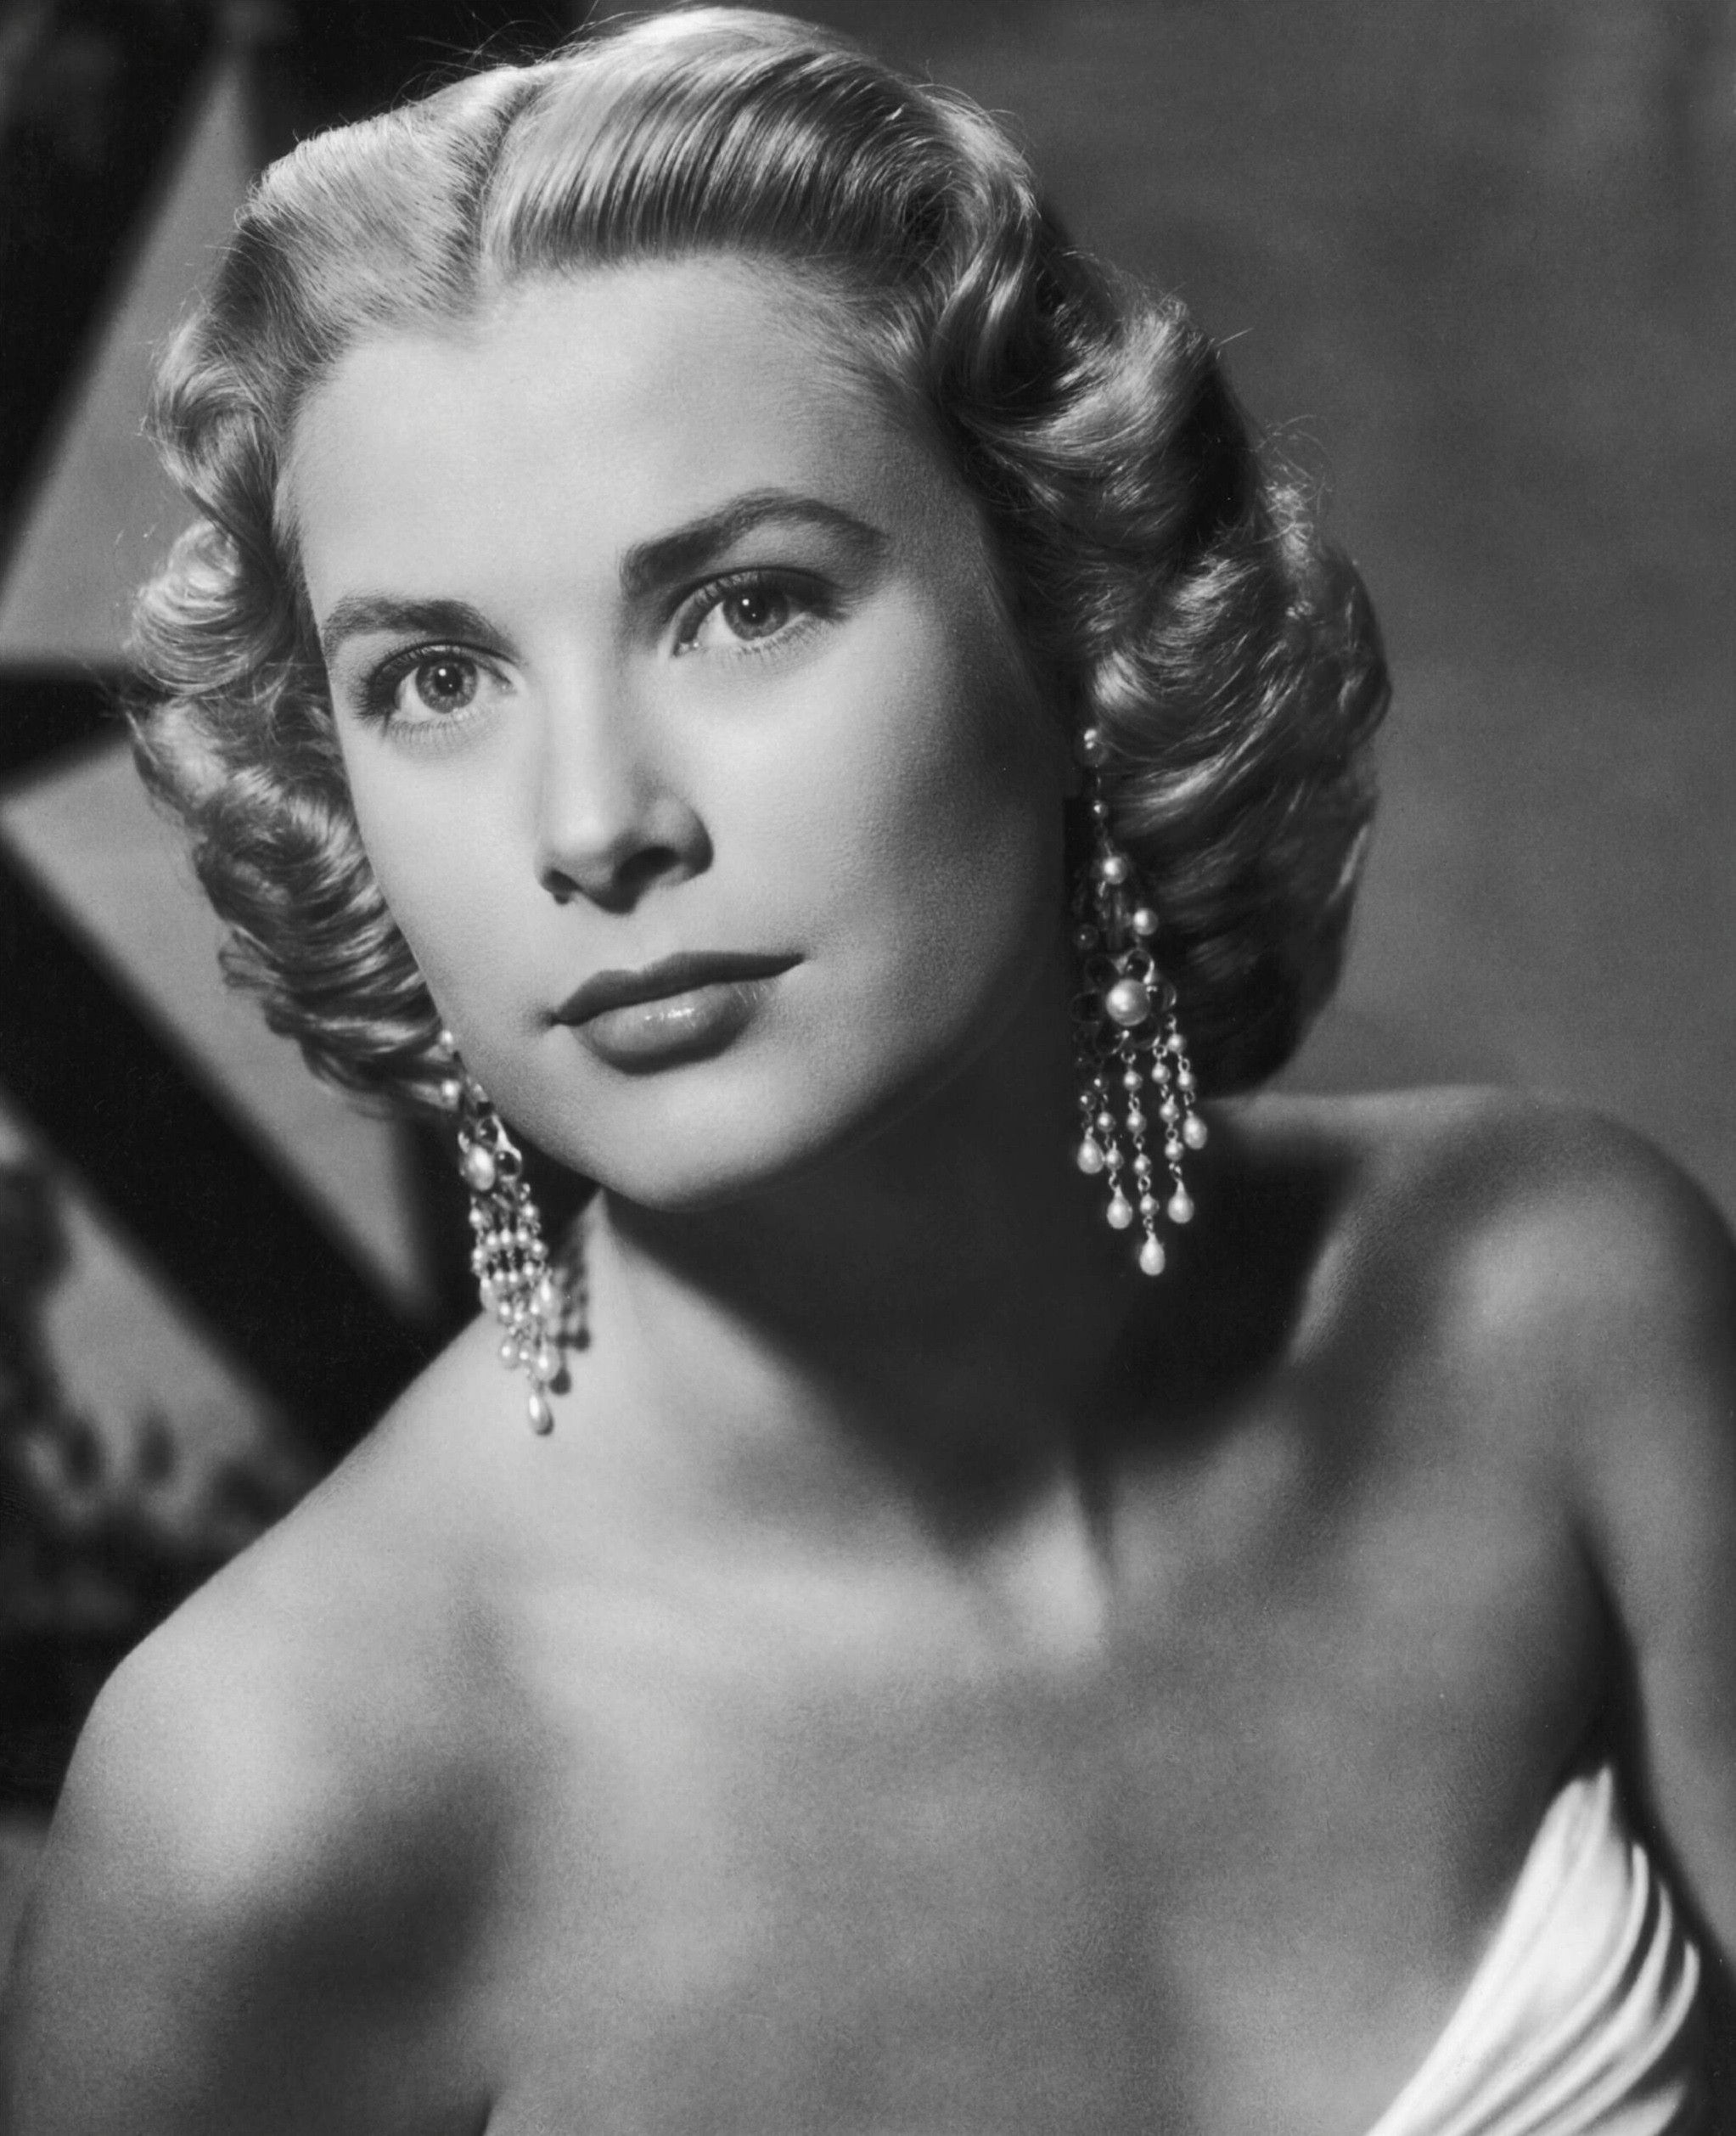 MagTag Today July 17, 1956 Grace kelly, Princess